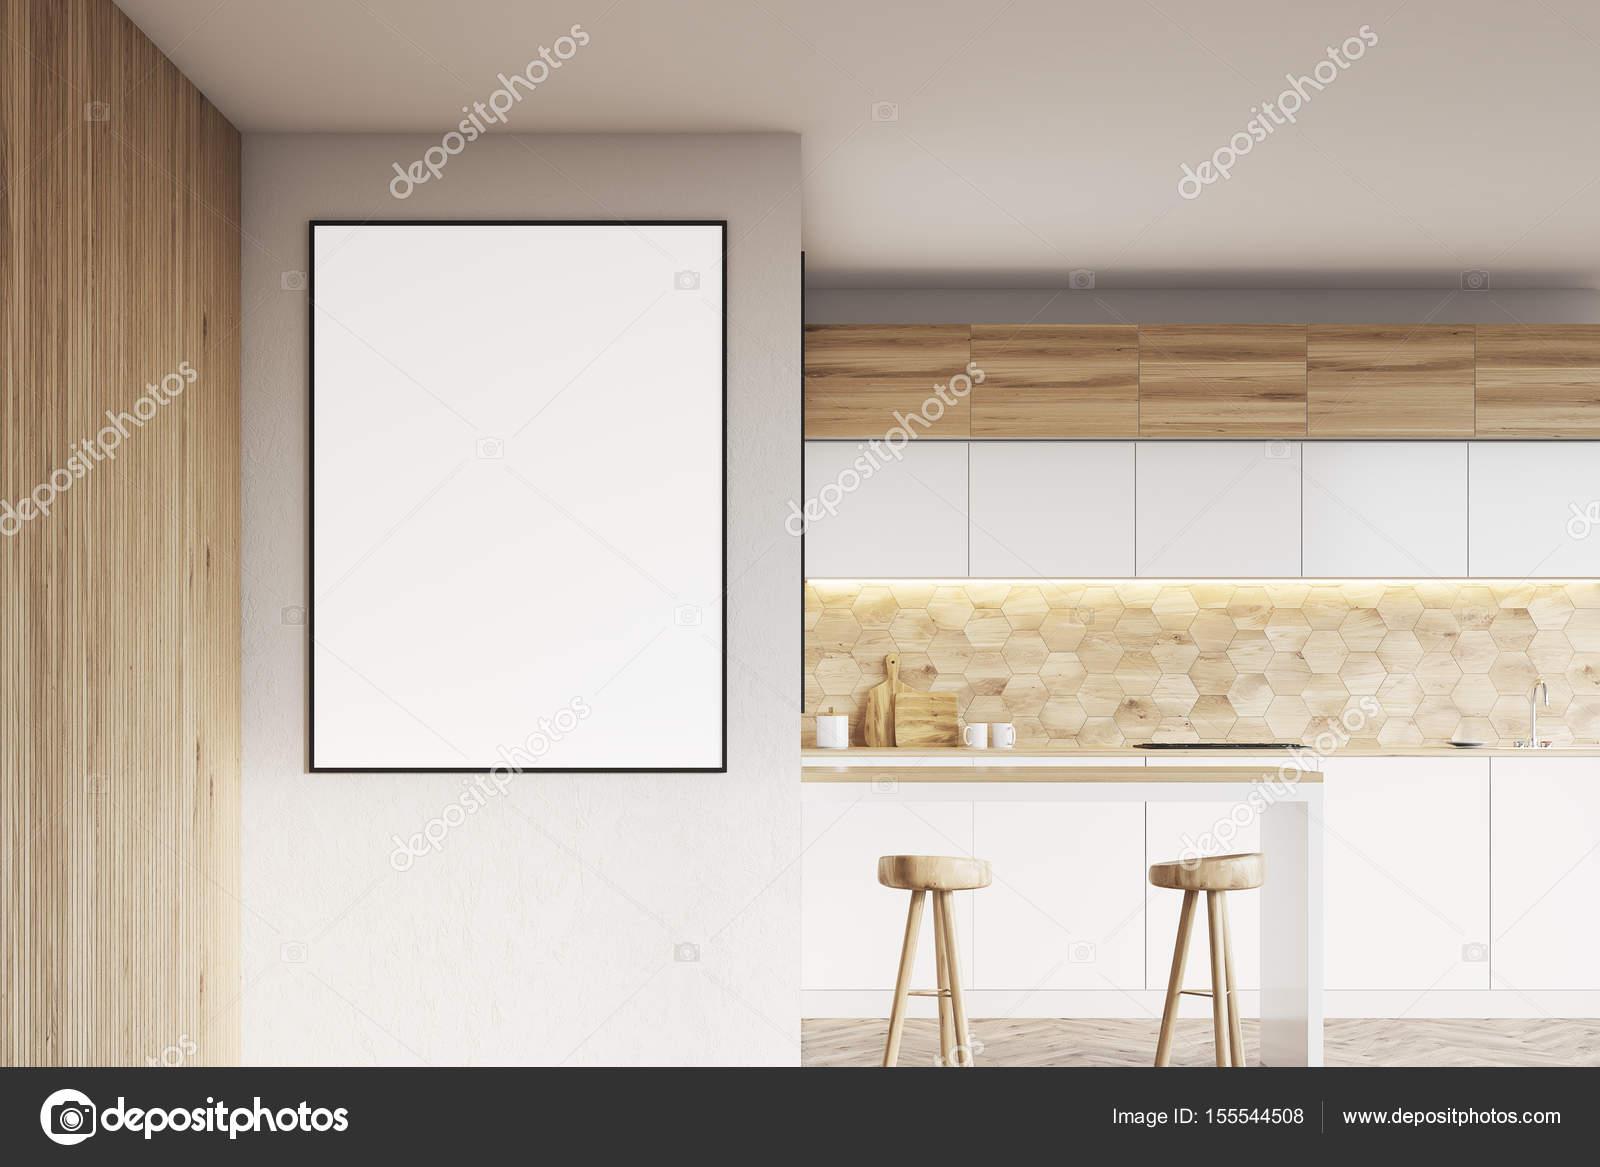 Leichte Holz Küche mit Bar und Plakat — Stockfoto © denisismagilov ...